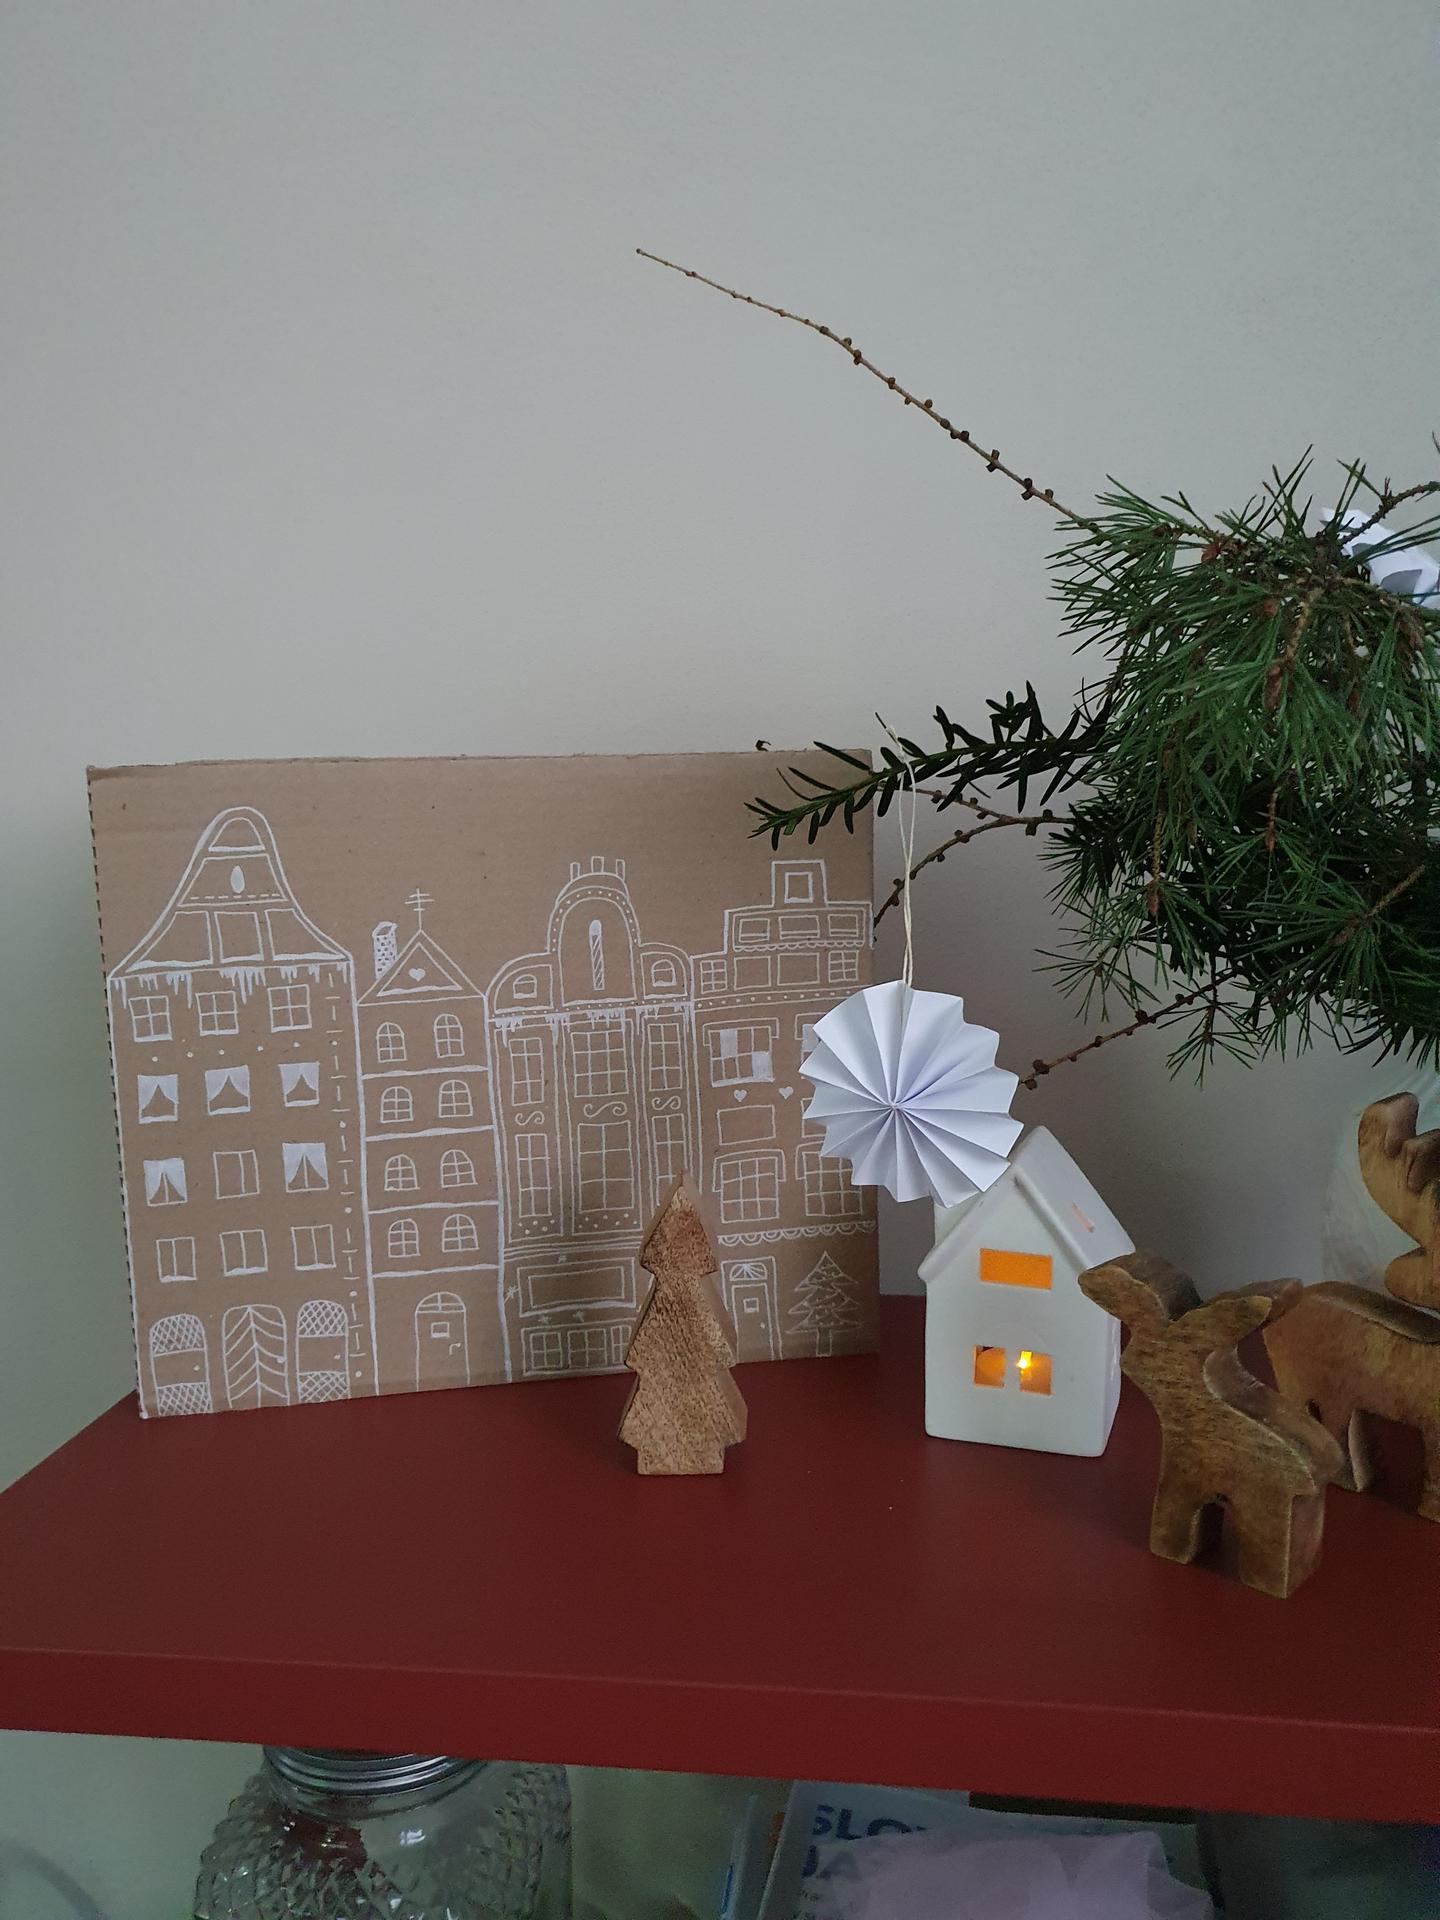 Vianočné dekorácie/Vianočná inšpirácia - Obrázok č. 27